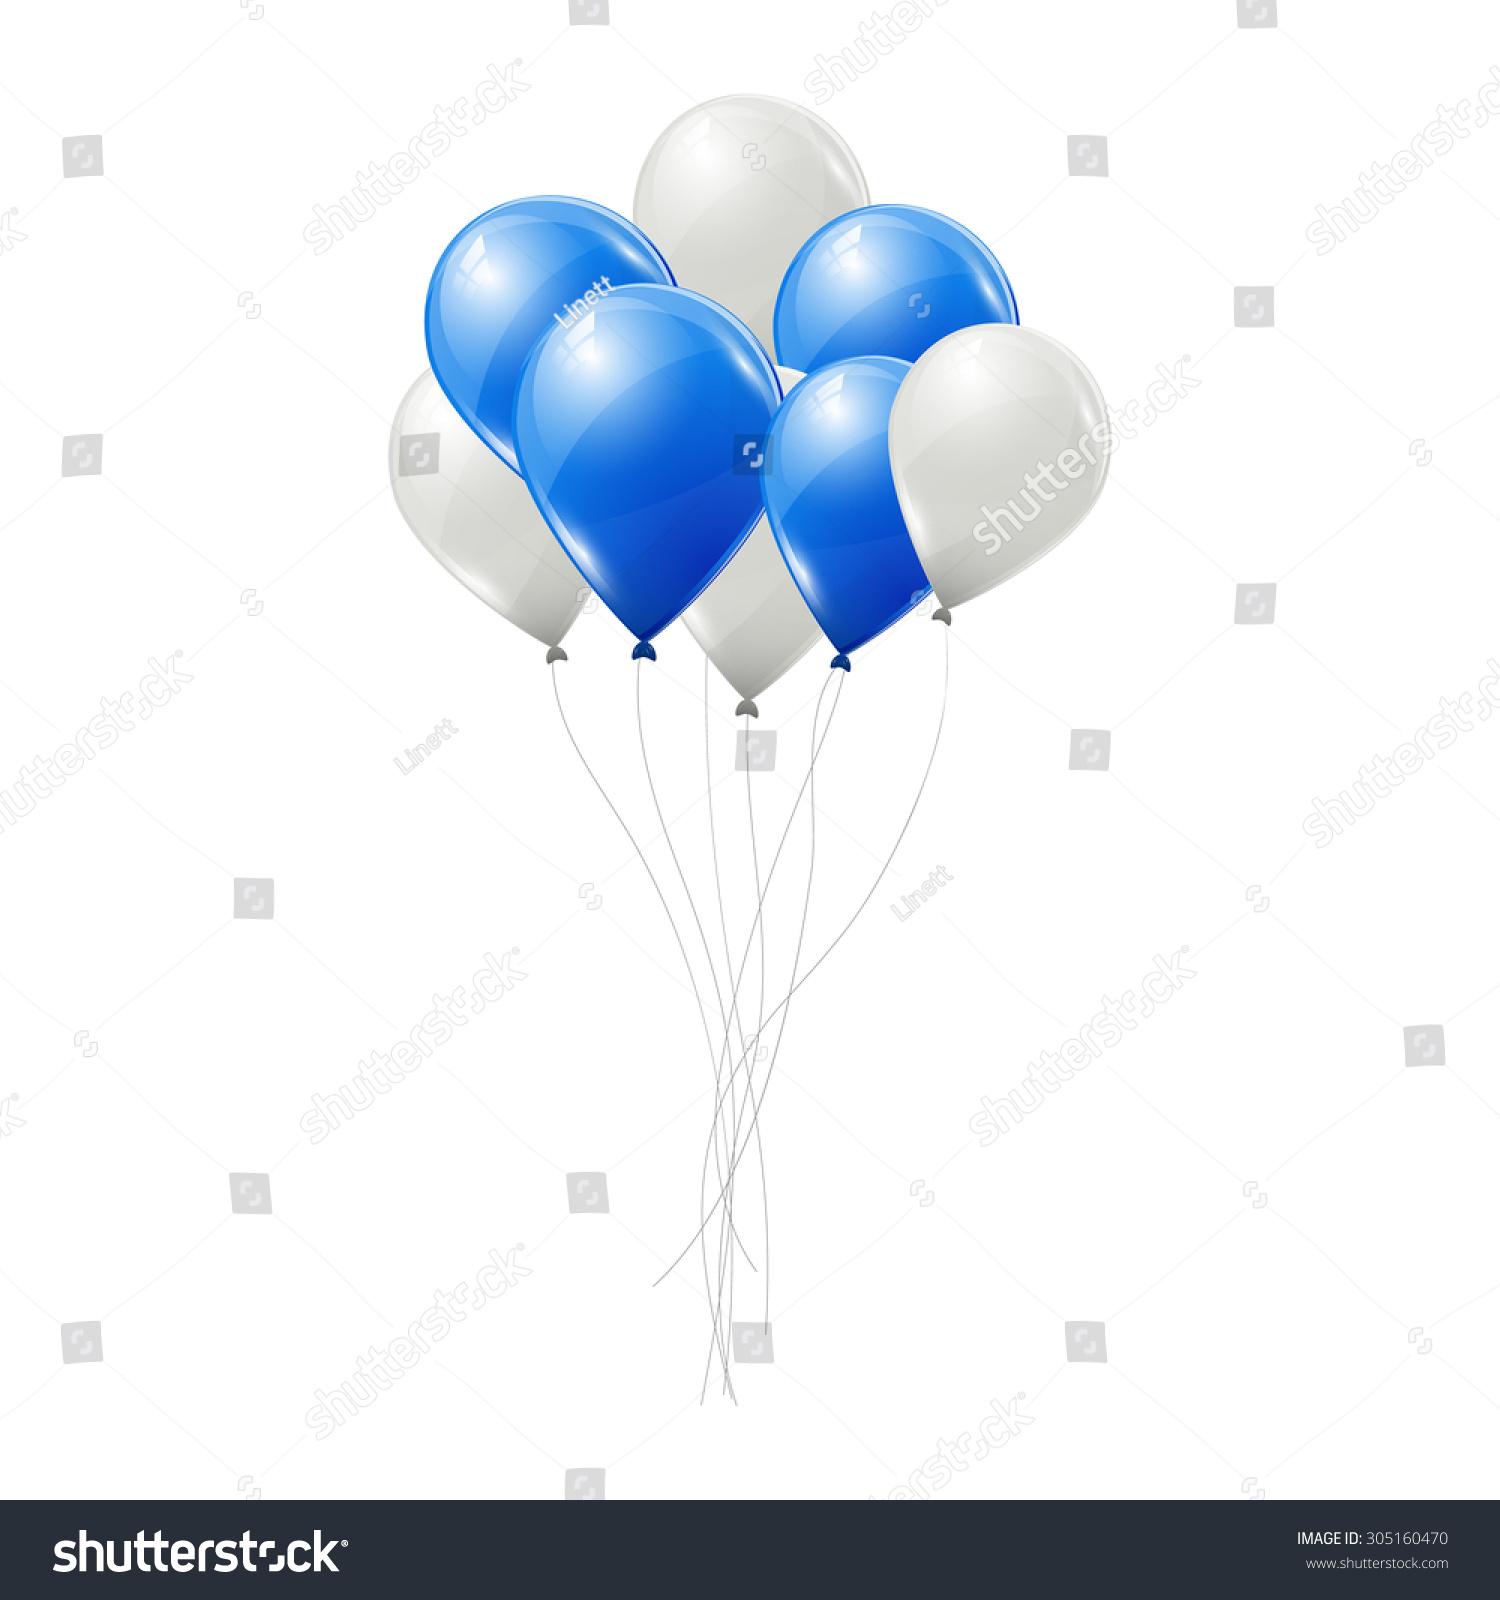 balloons white background - photo #36